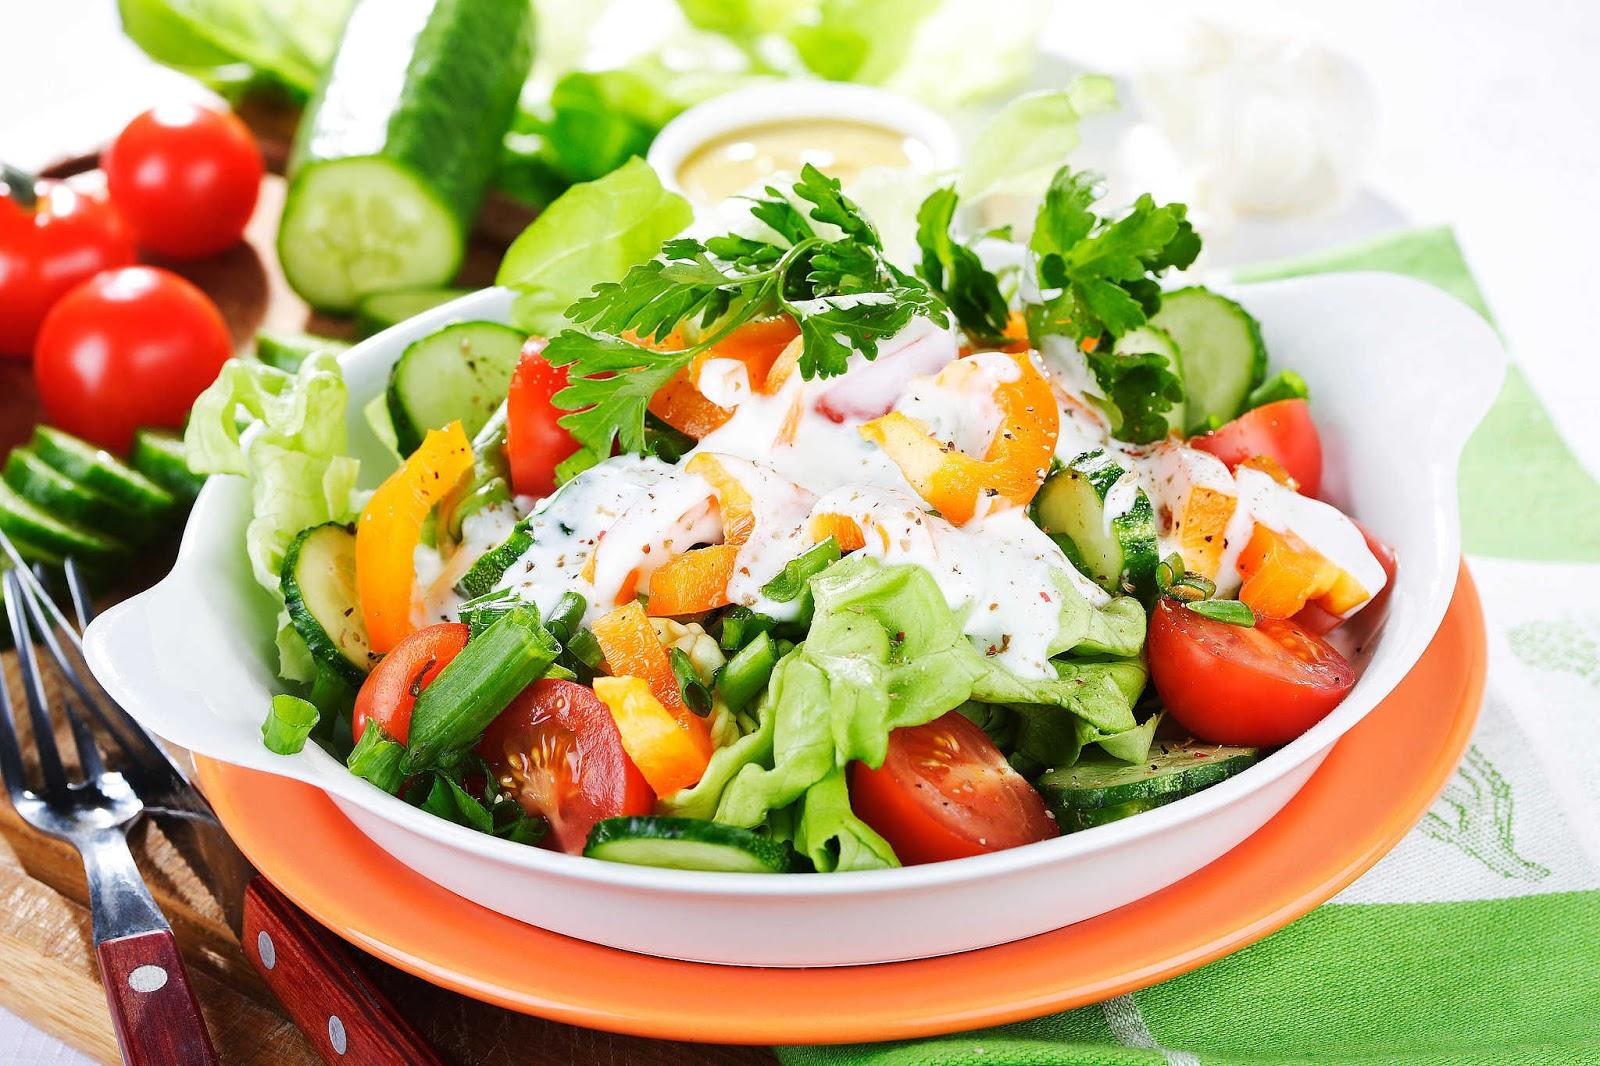 Một số vấn đề sai lầm mà người ăn chay thường gặp và làm thế nào để khắc phục